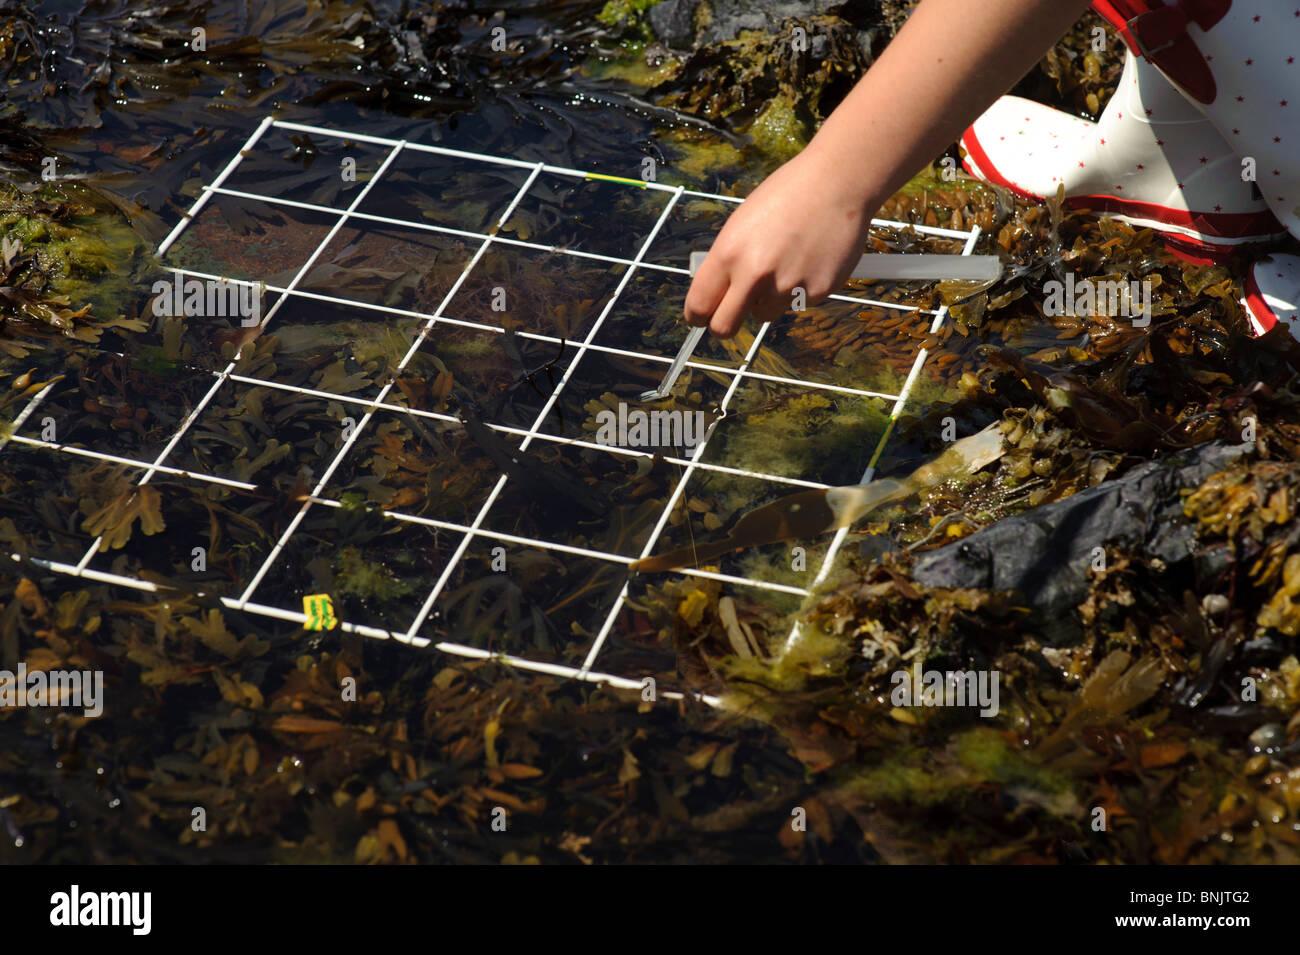 International Baccalaureate student using grid studying marine biology on rocks UK - Stock Image